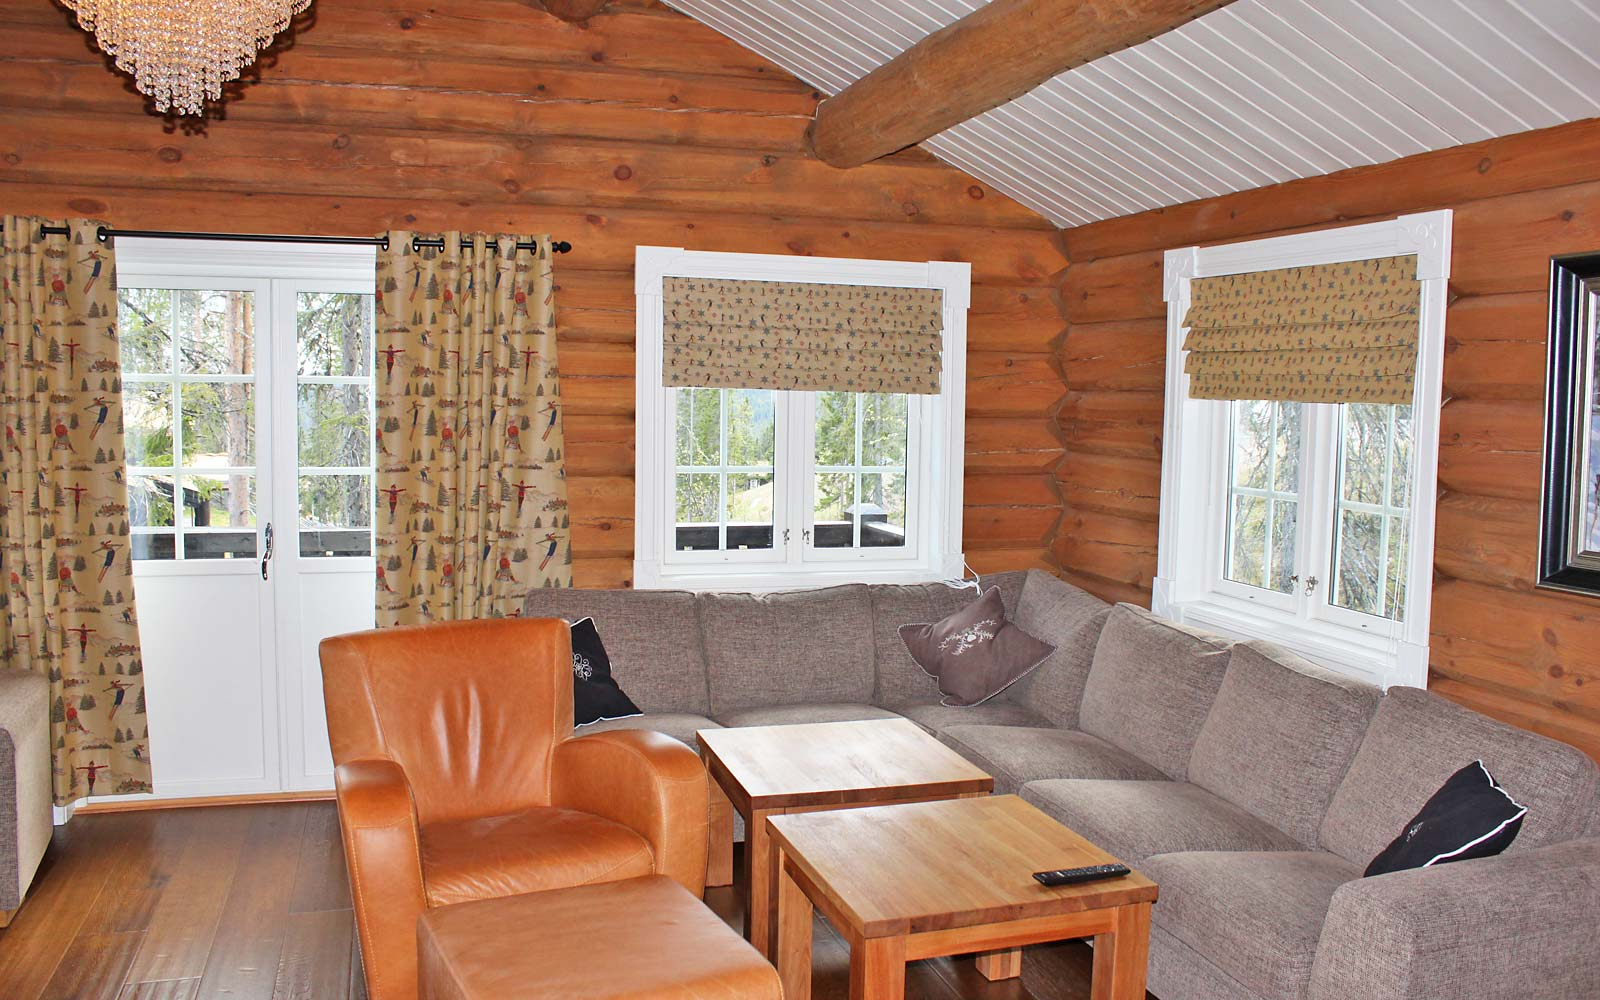 Stue hytte 829 - Sjumilskogen booking Trysil